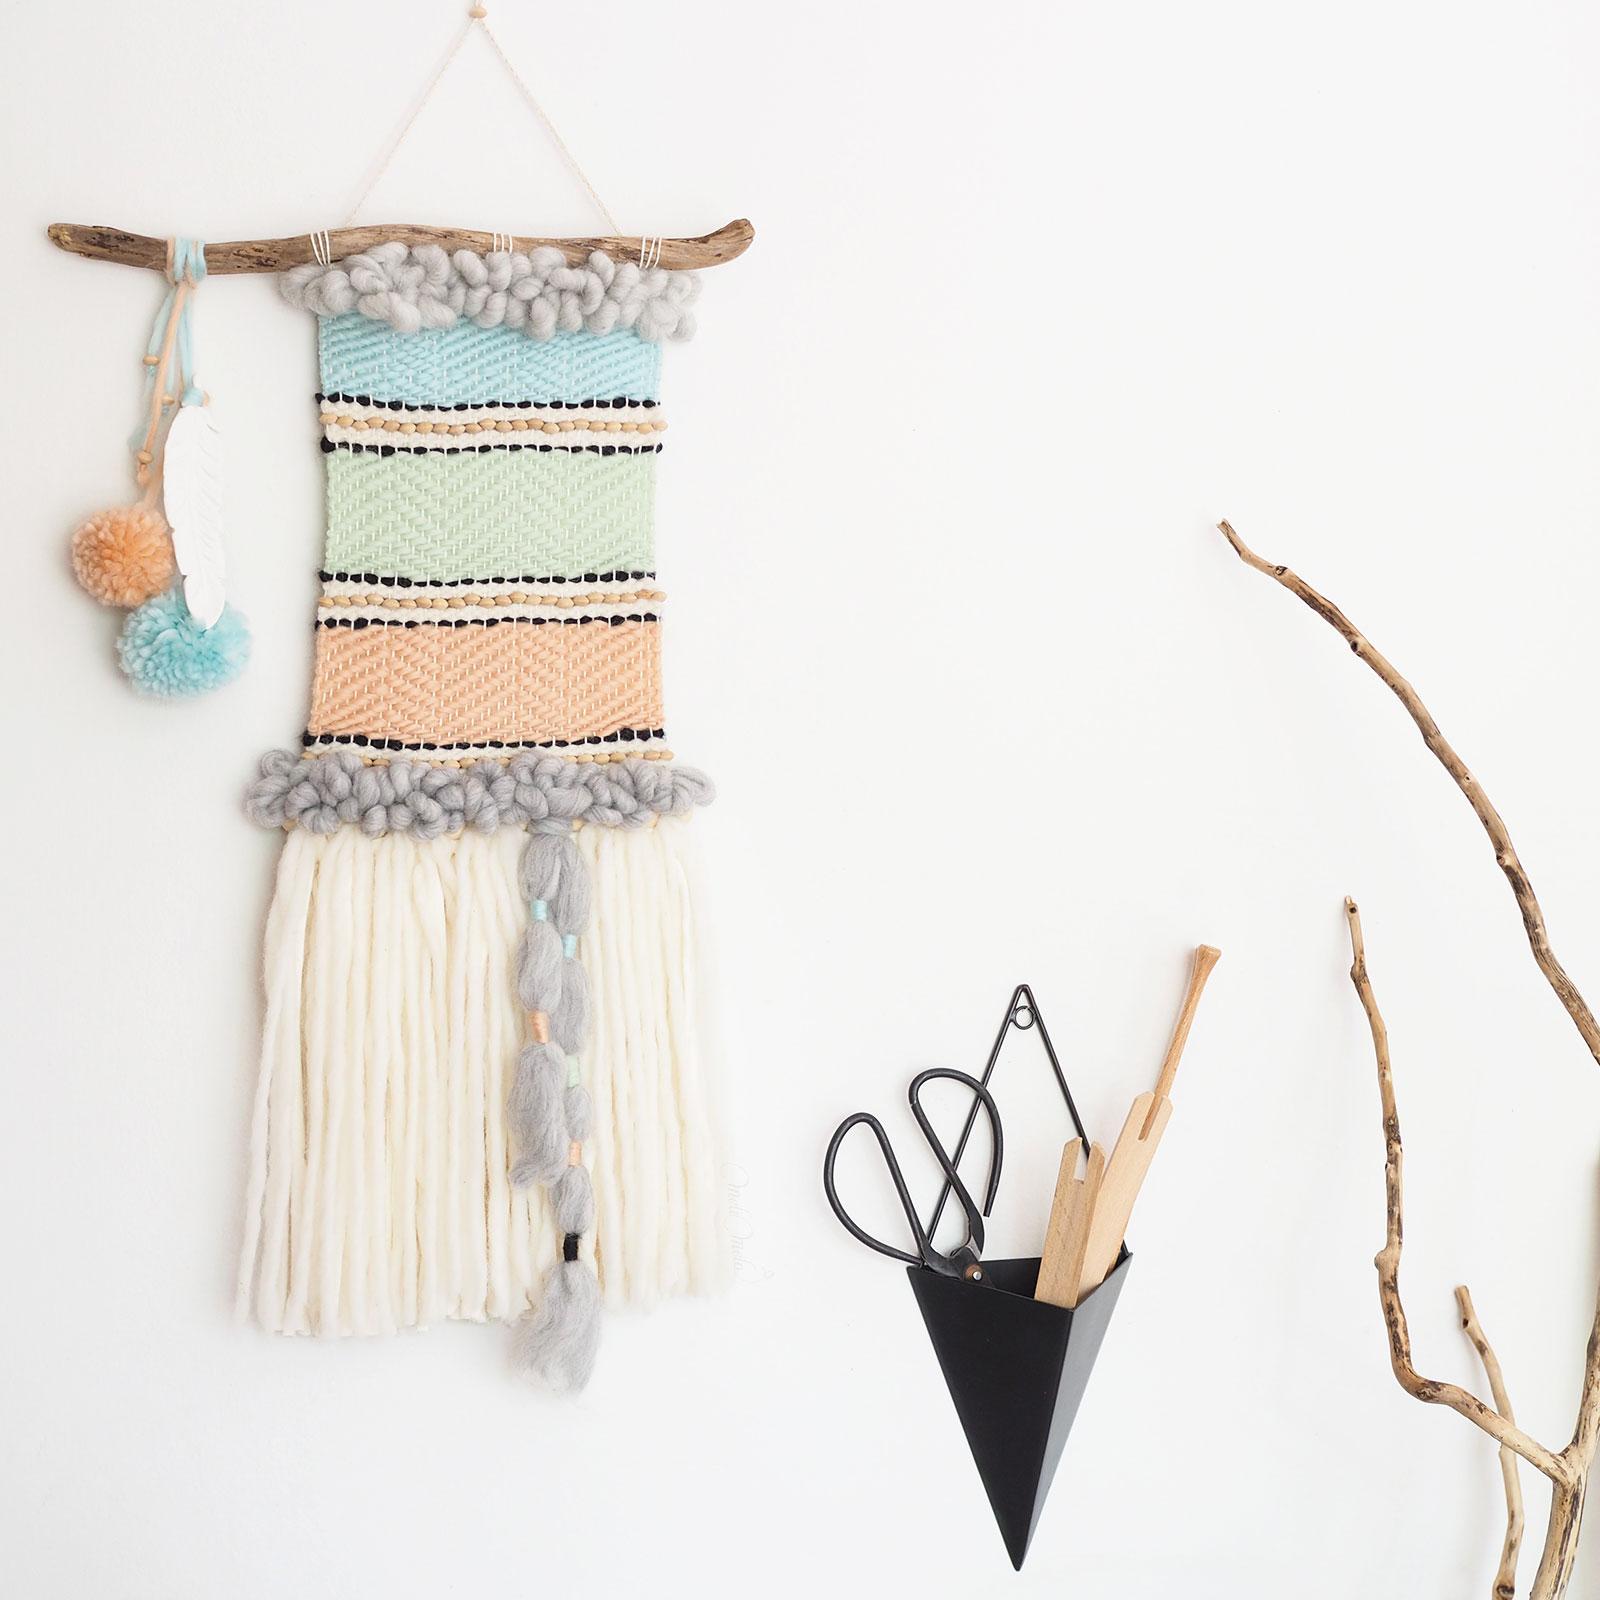 décoration tissage mural laine mérinos we are knitters mèche xxl laines plassard laboutiquedemelimelo